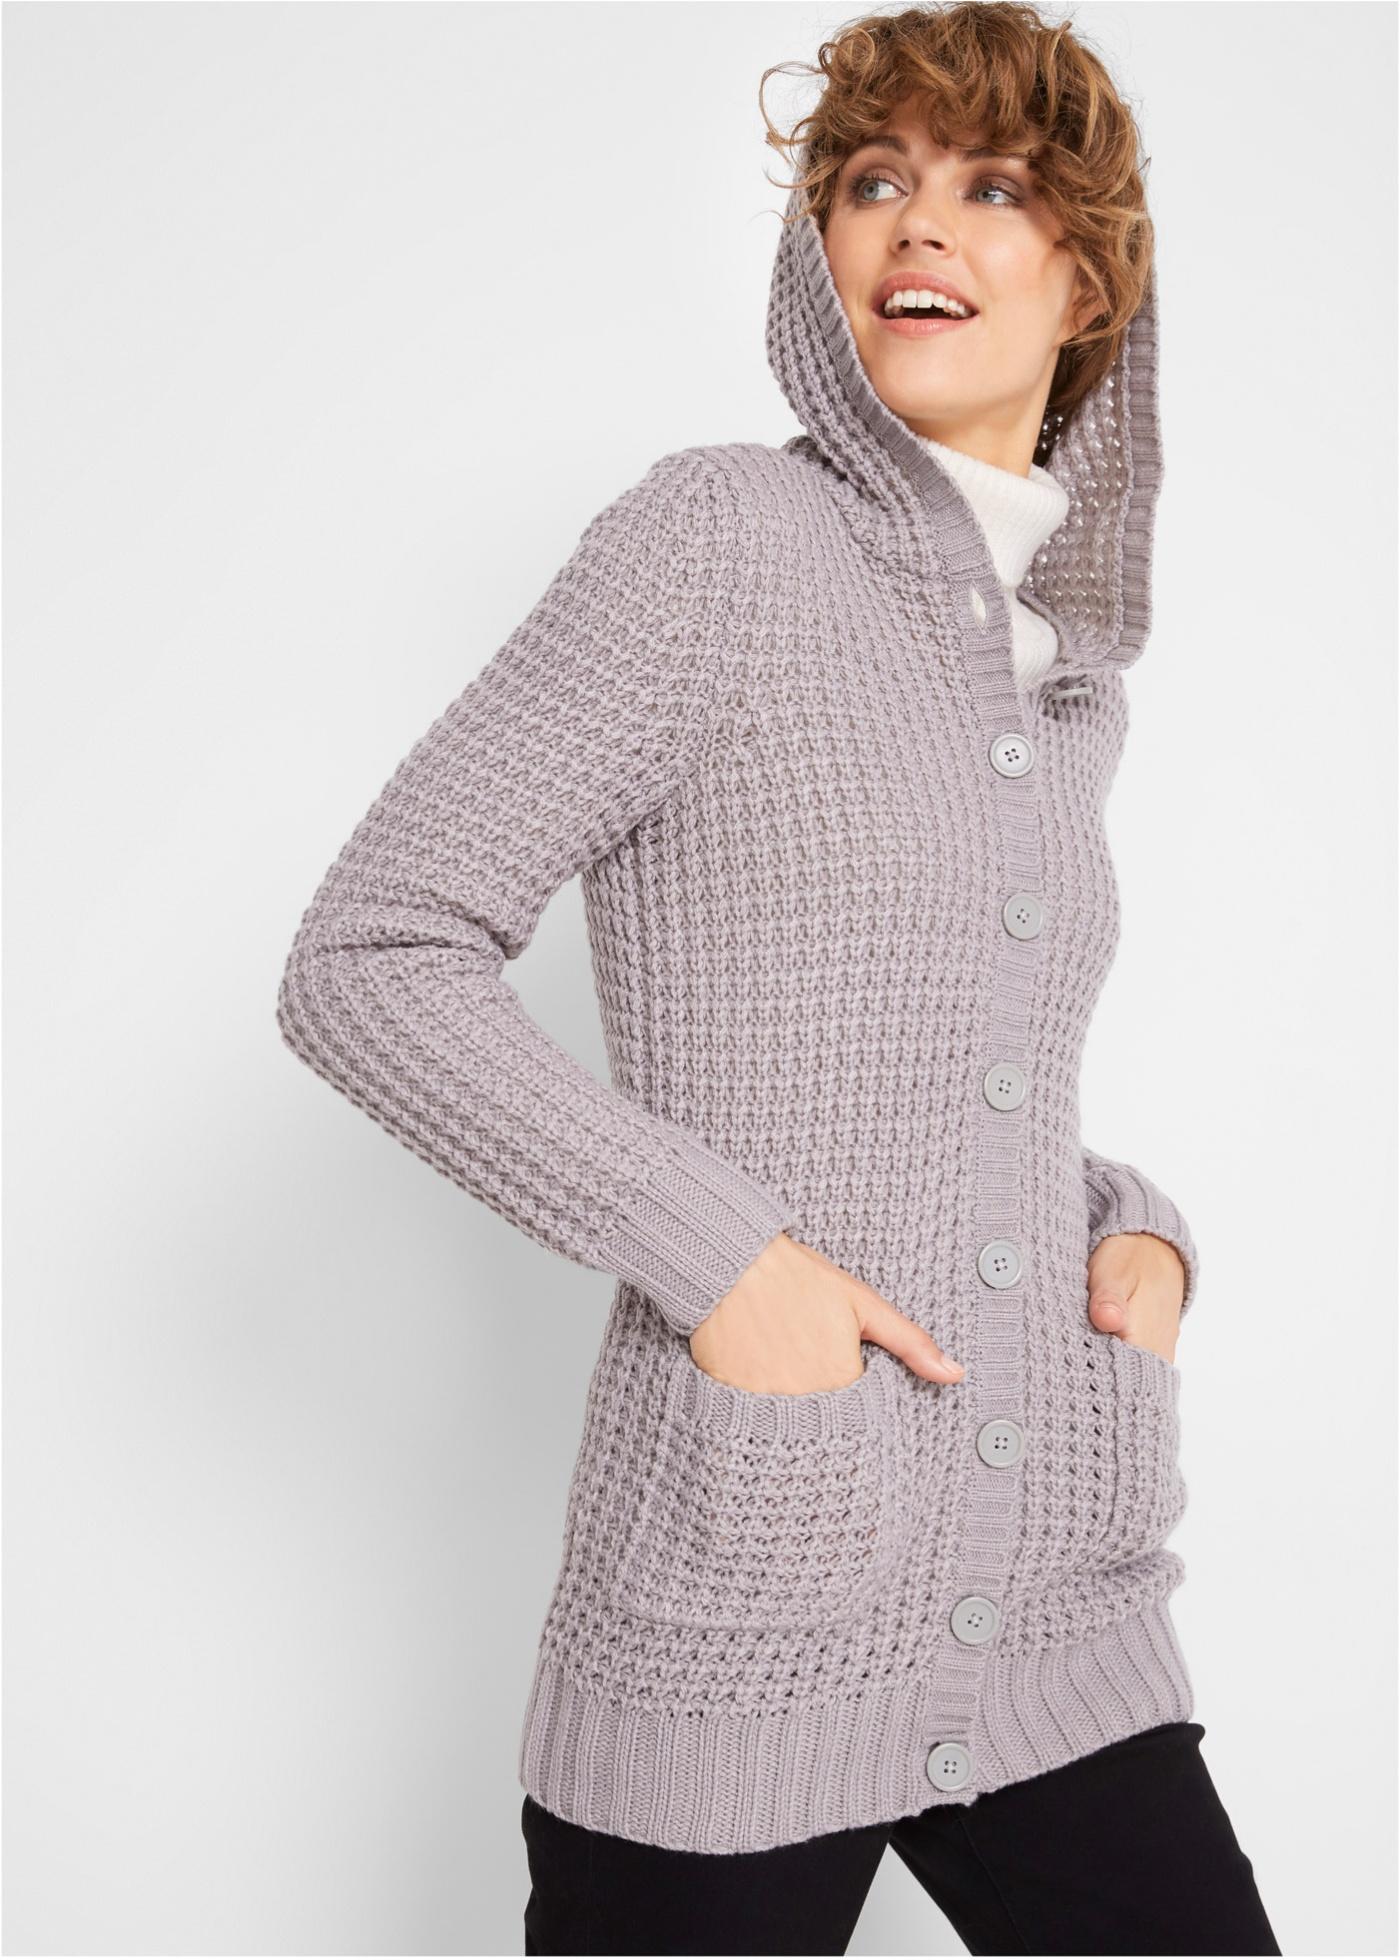 Pletený kabátek s kapucí - Šedá